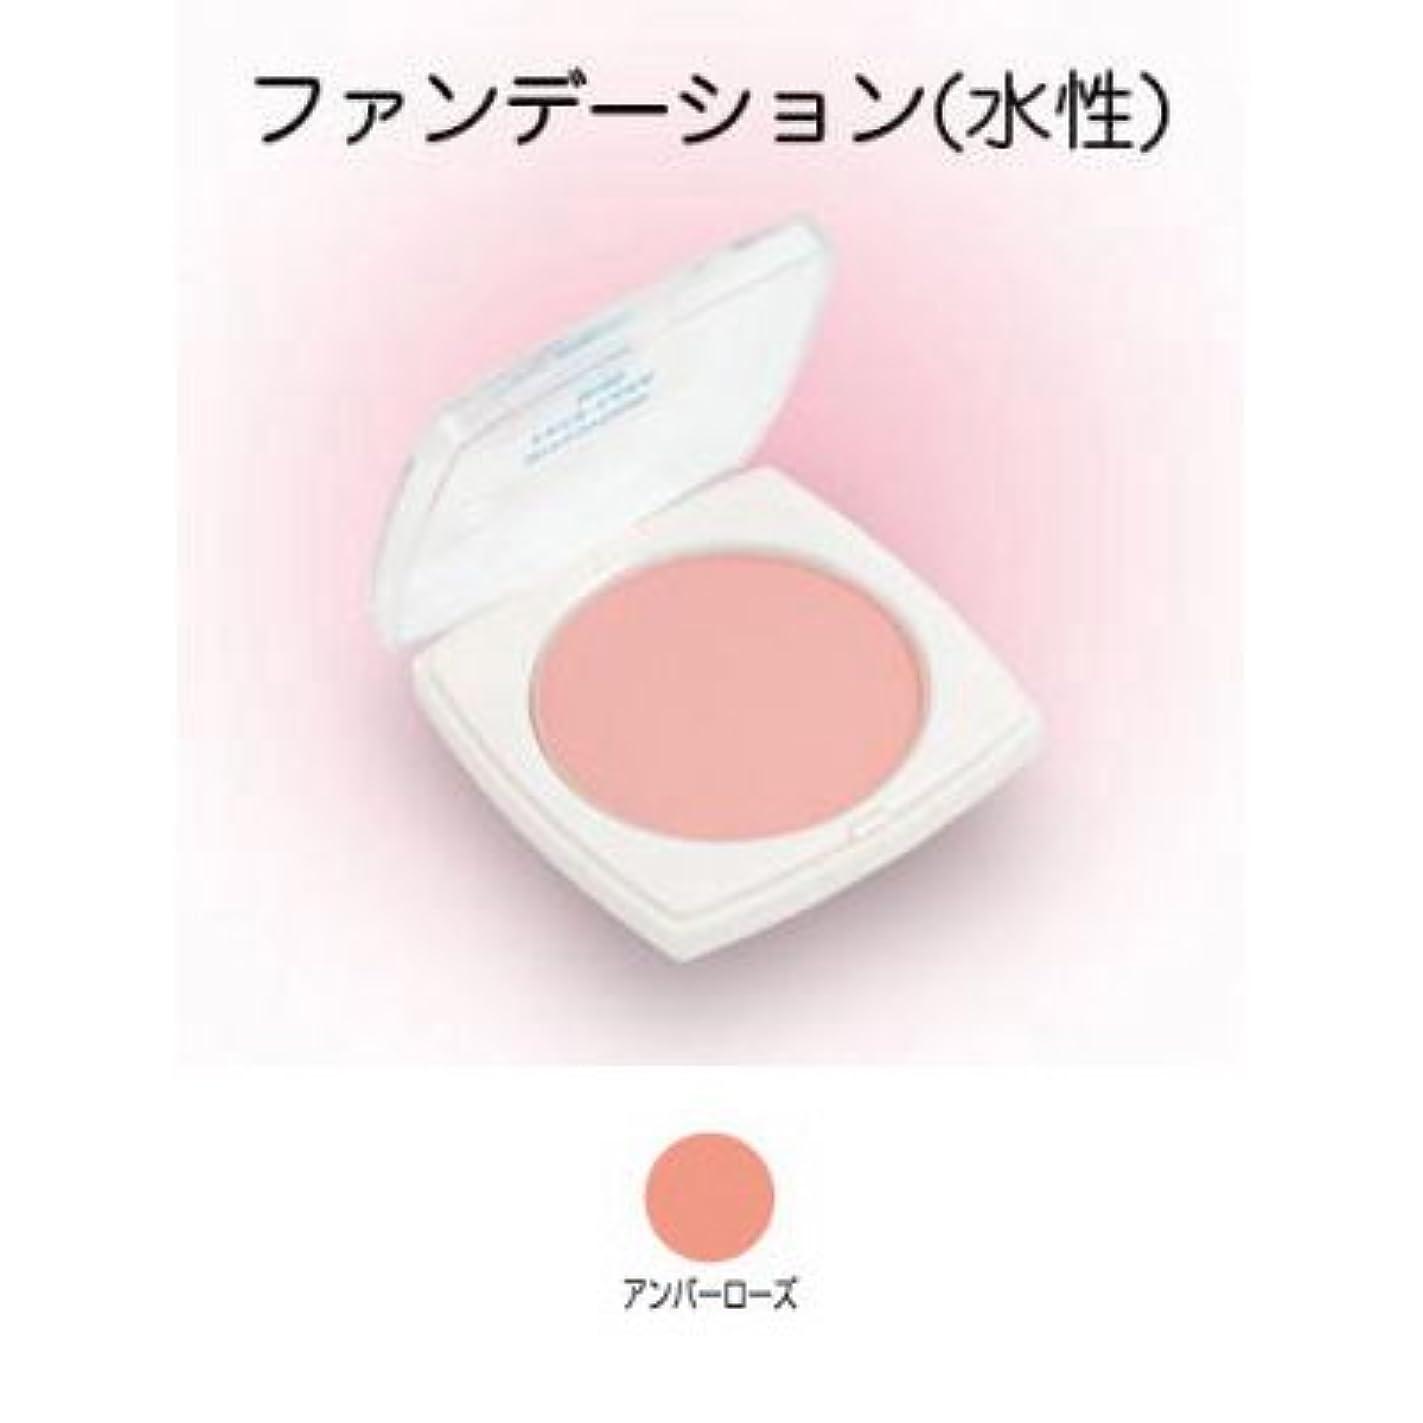 ハック実り多いピケフェースケーキ ミニ 17g アンバーローズ 【三善】